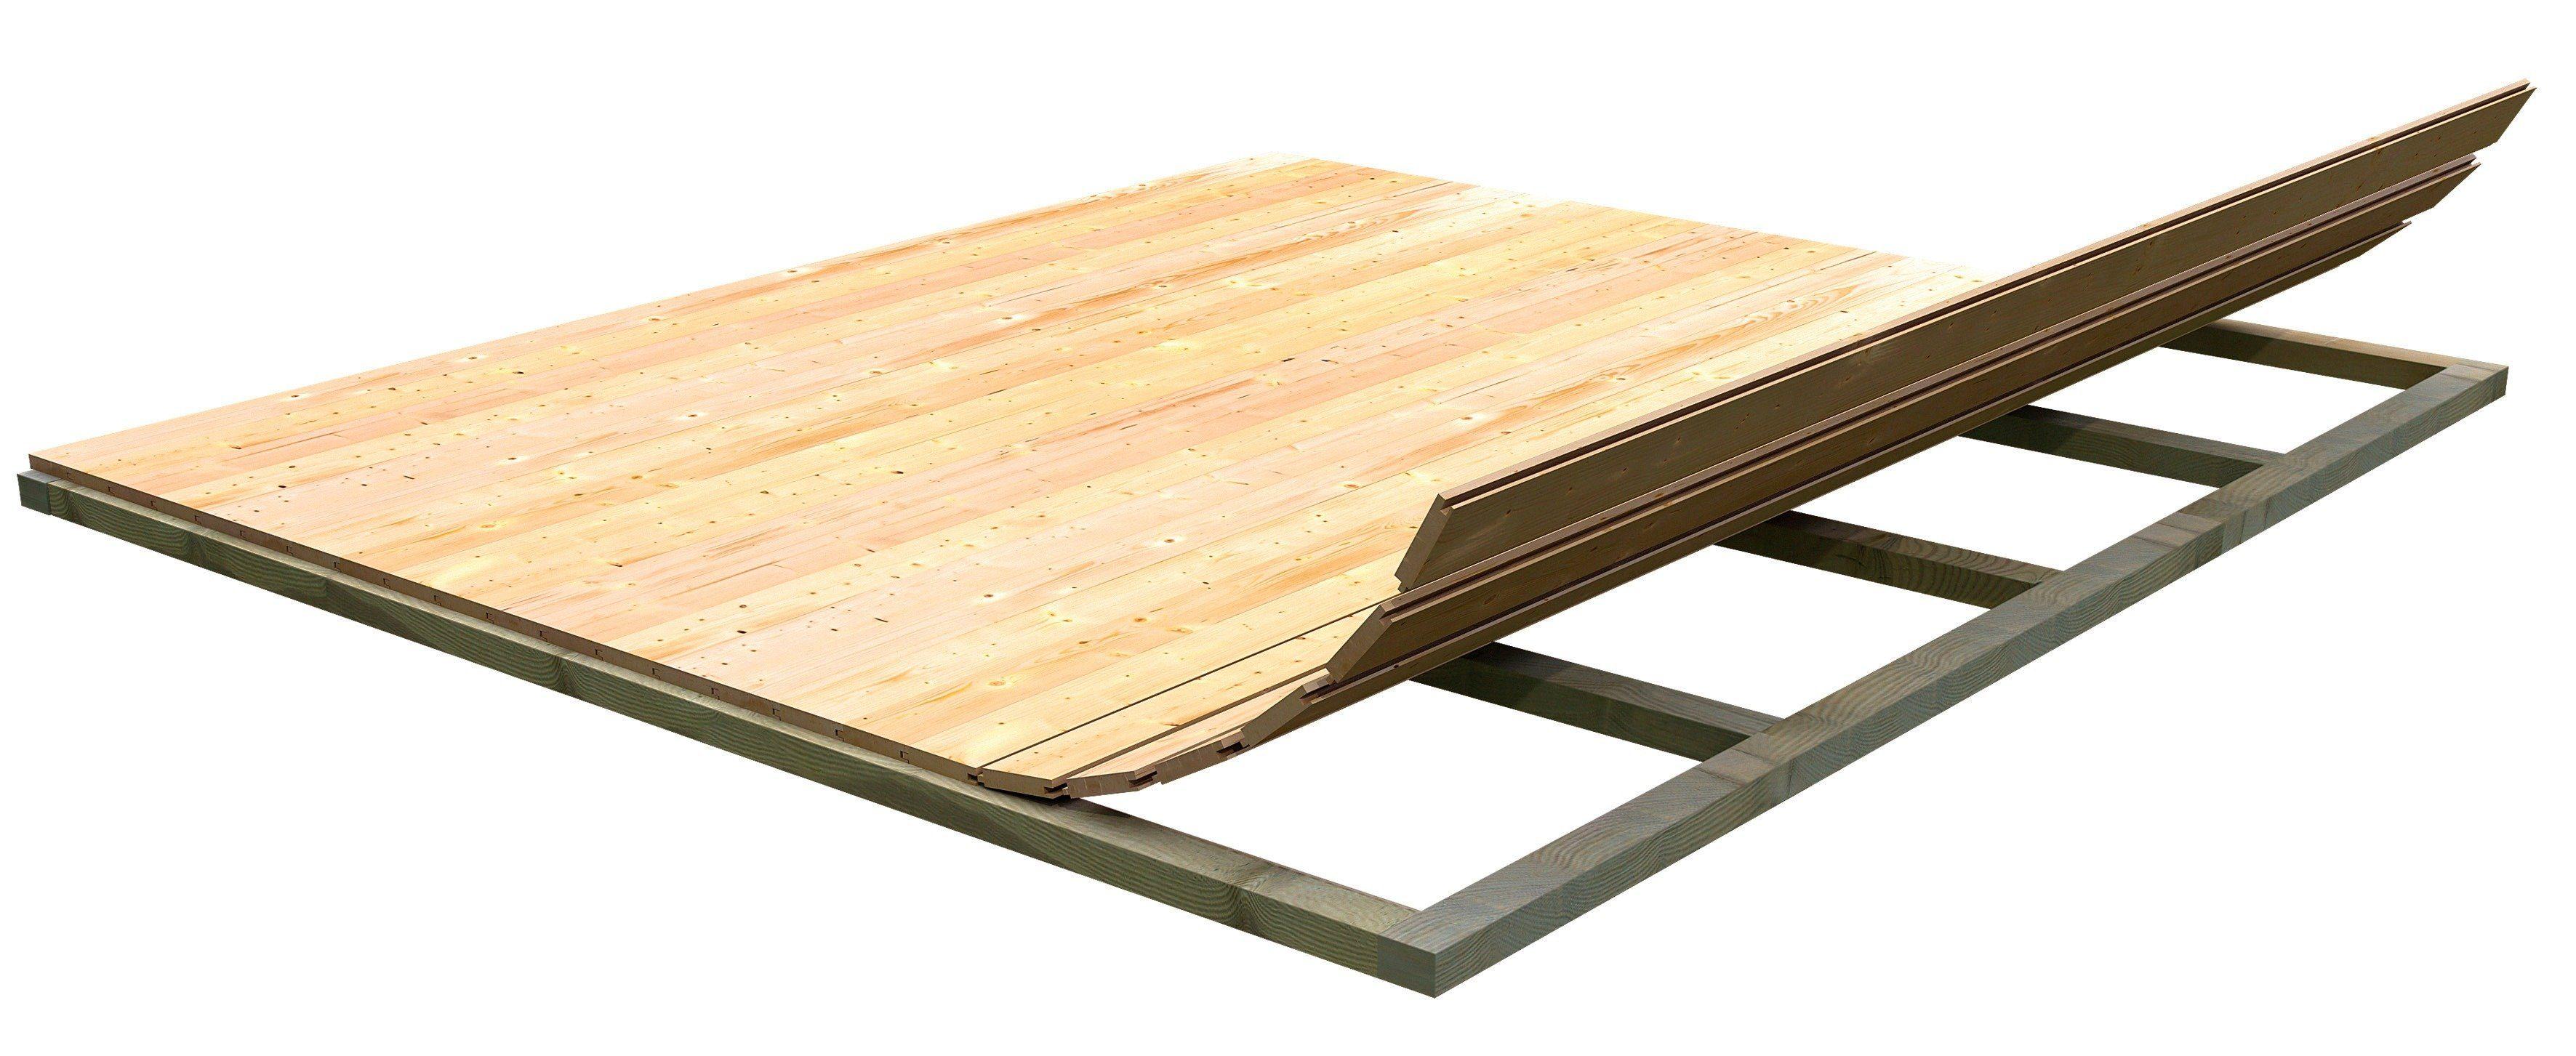 Fußboden für Gartenhäuser, BxT: 203x156 cm